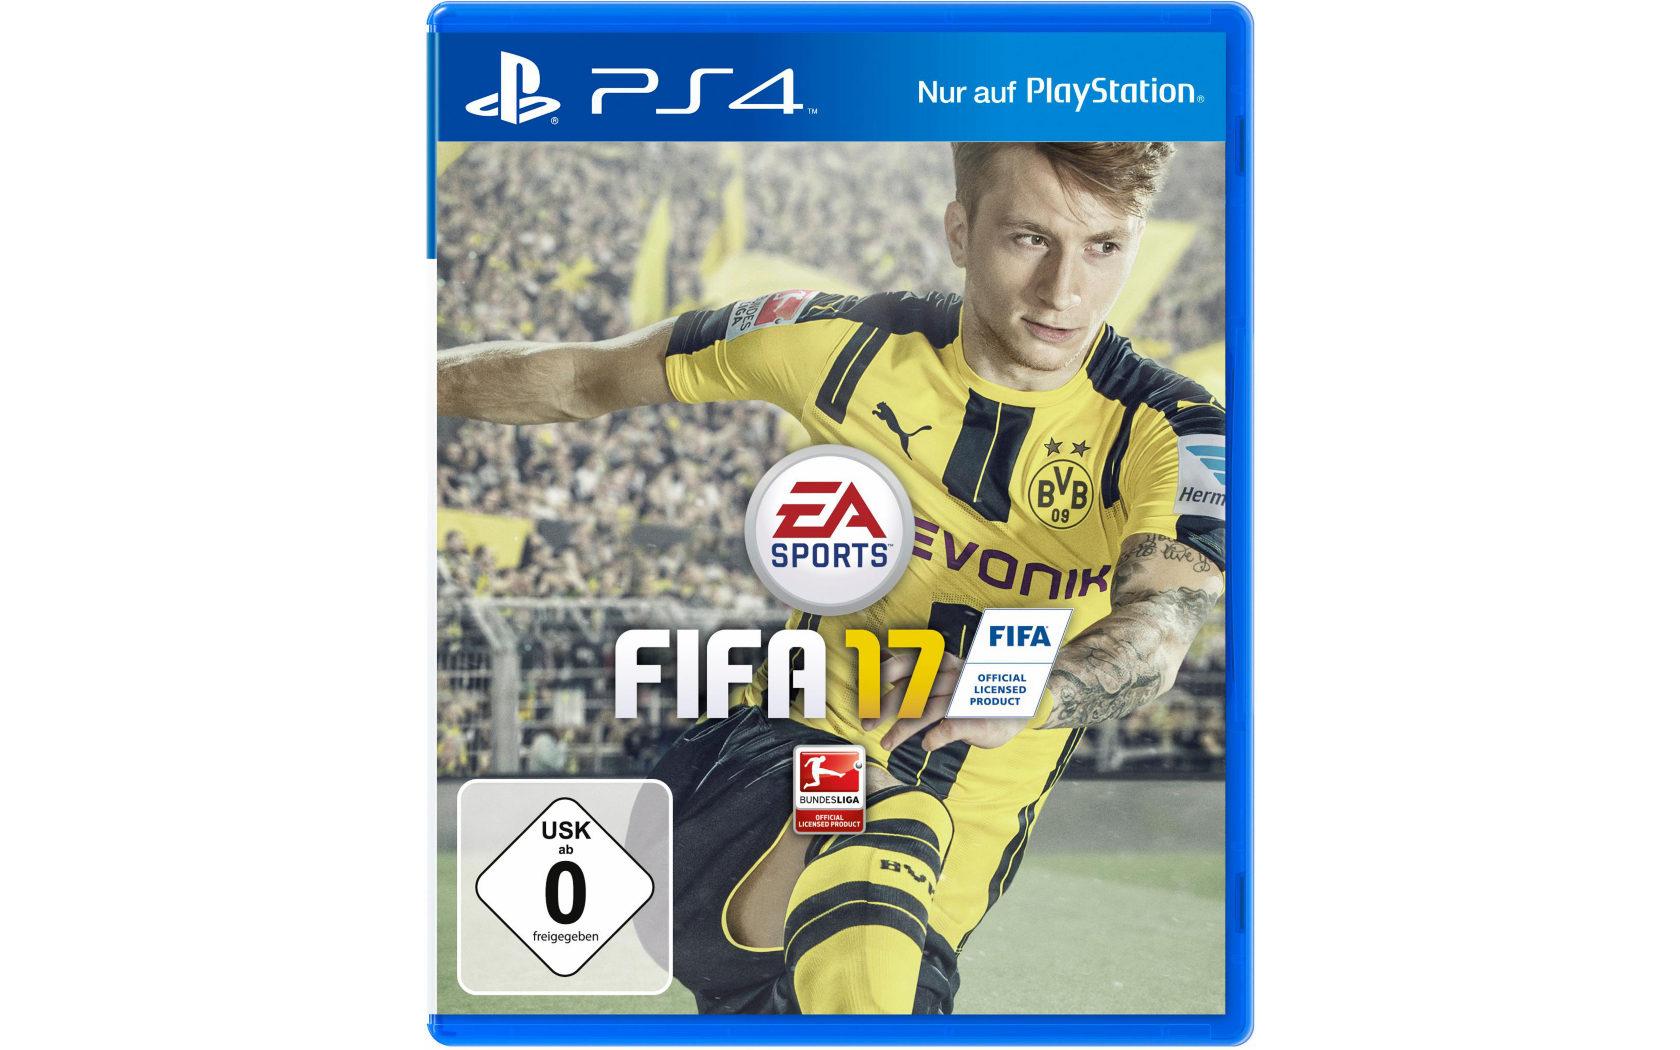 FIFA 17 FÜR PS4 / XBOXONE / PS3 / XBOX360 / PC